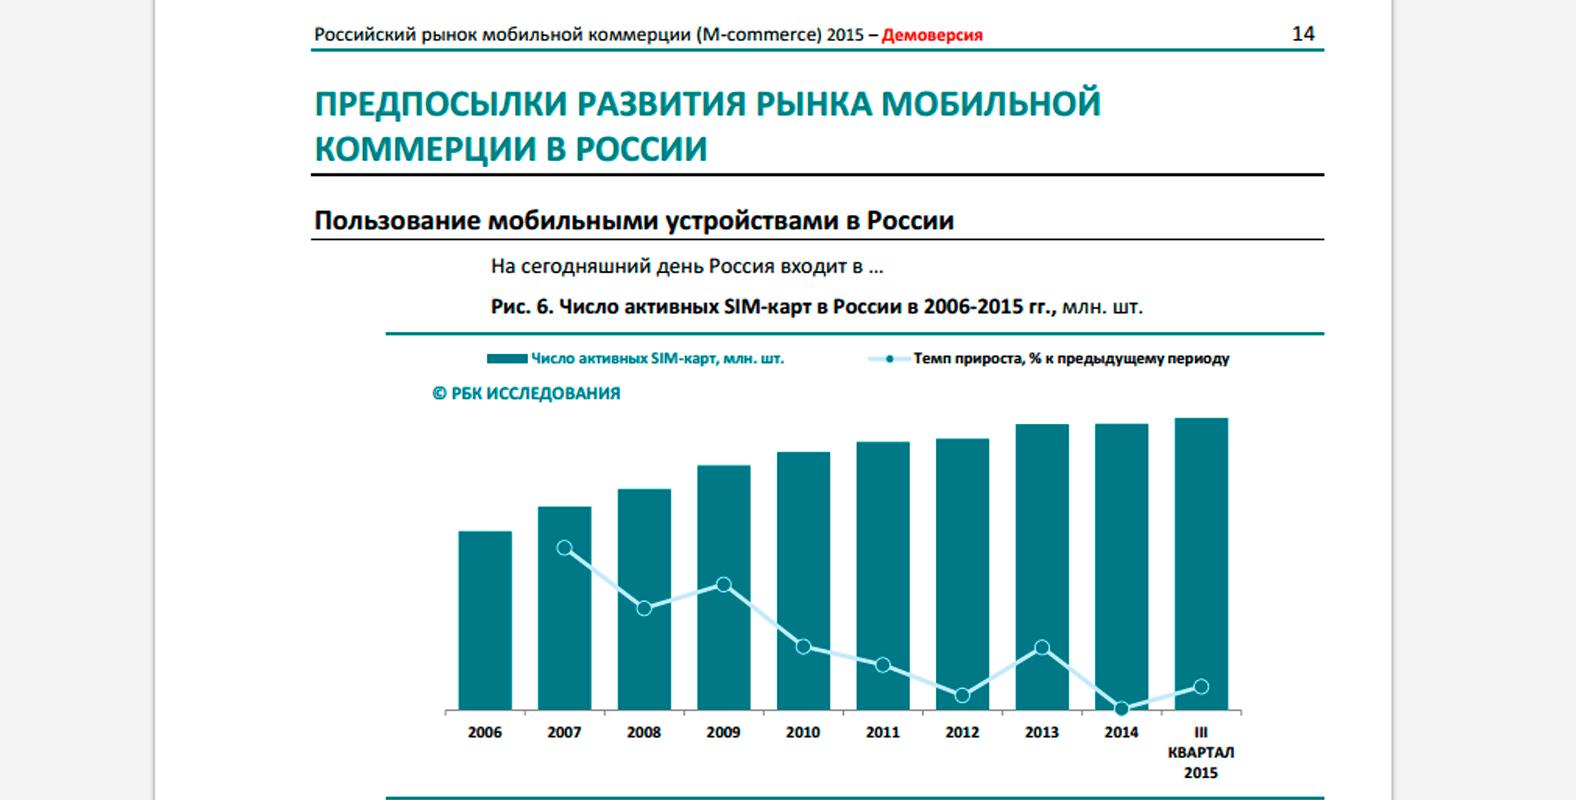 исследования рынков РБК